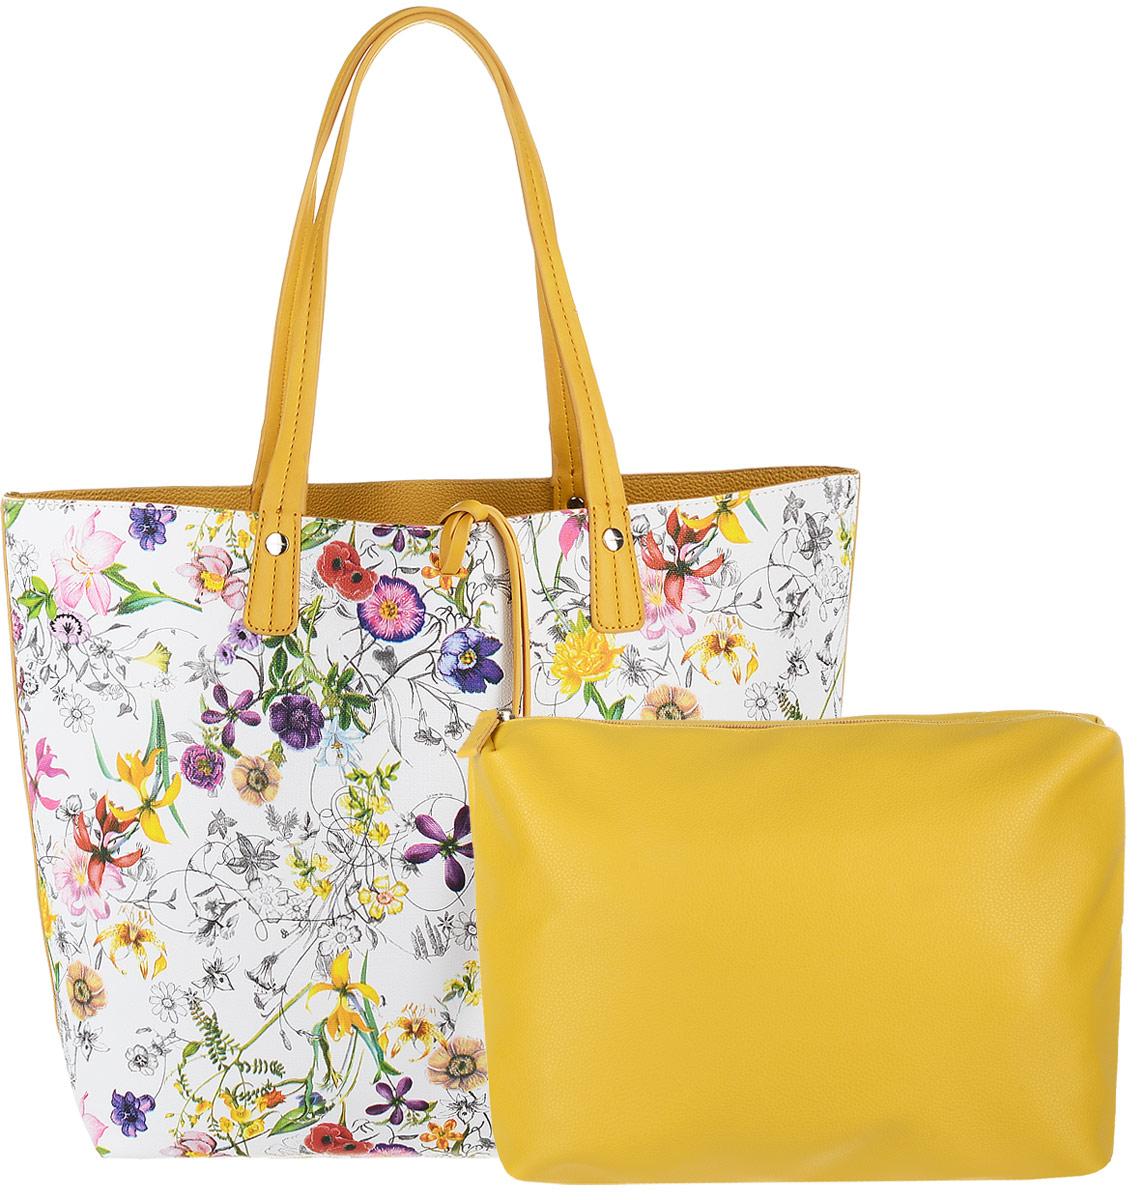 Сумка женская David Jones с косметичкой, цвет: белый, желтый. CM3318CM3318 YellowЖенская сумка David Jones выполнена из качественной экокожи. В комплекте: большая сумка с двумя ручками и косметичка. Большая сумка, оформленная ярким цветочным принтом содержит одно вместительное отделение и не имеет застежек. Лицевая часть декорирована шнурком-подвеской из экокожи. Сумка не содержит дополнительных карманов. Внутренняя сторона выполнена из однотонной экокожи. Косметичка содержит одно отделение и застегивается на молнию. Внутри отделения - один открытый накладной карман и один врезной. Косметичка легко помещается в большую сумку.